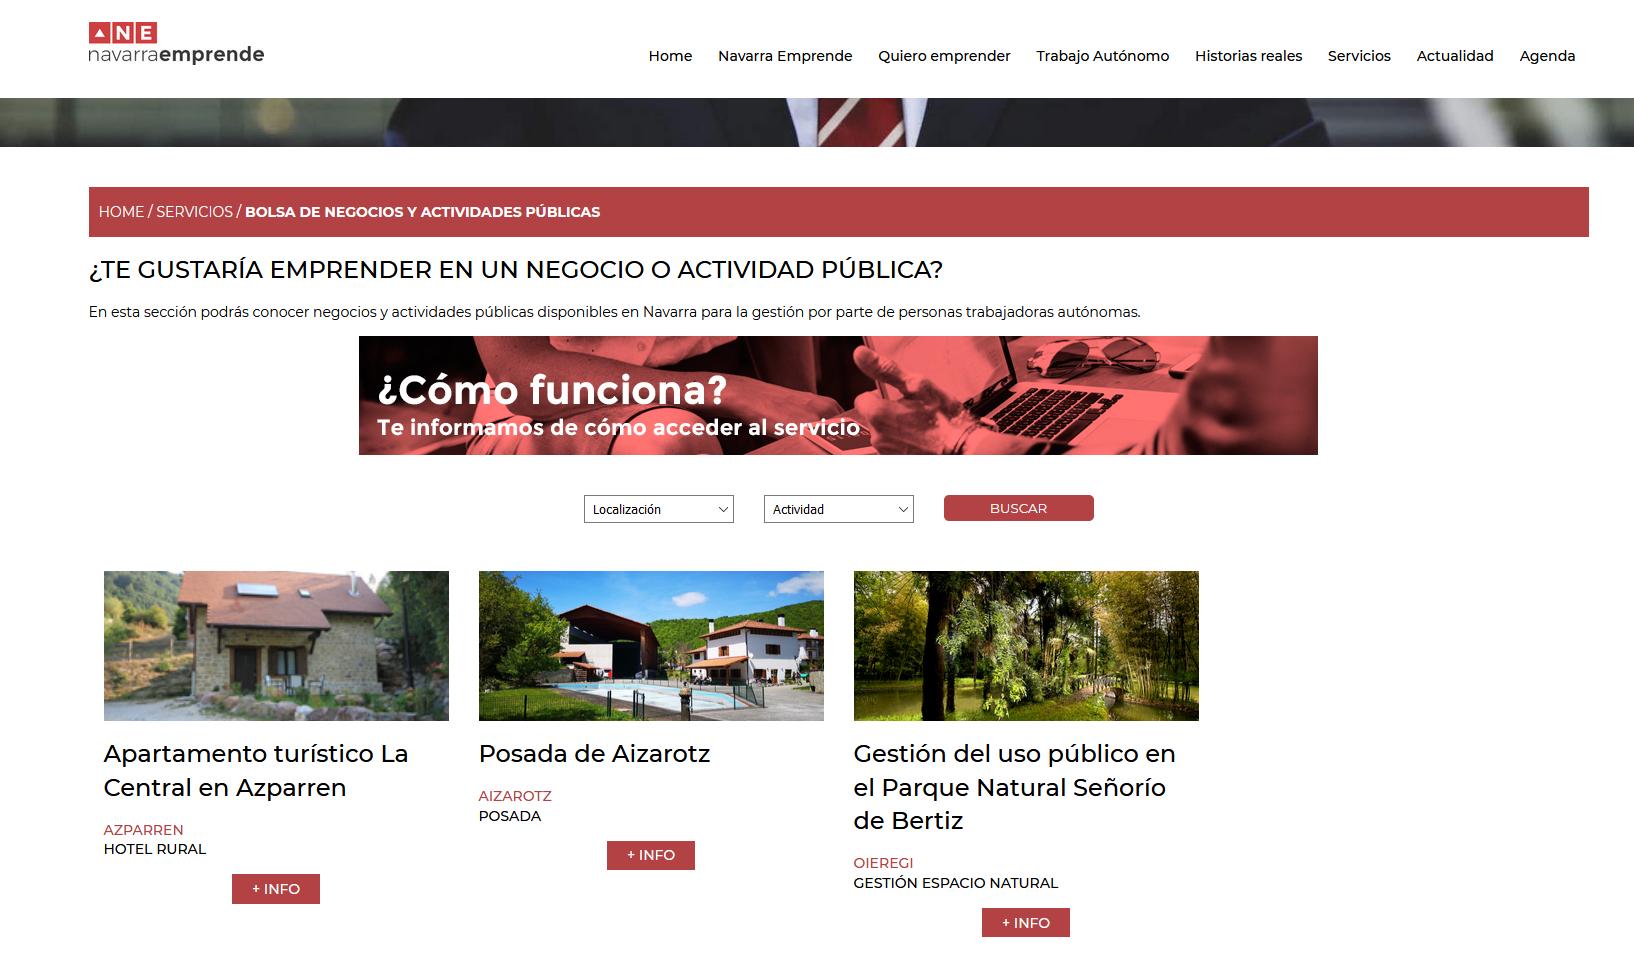 Cederna Garalur promueve una bolsa online de negocios y actividades de titularidad pública disponibles para gestionar.